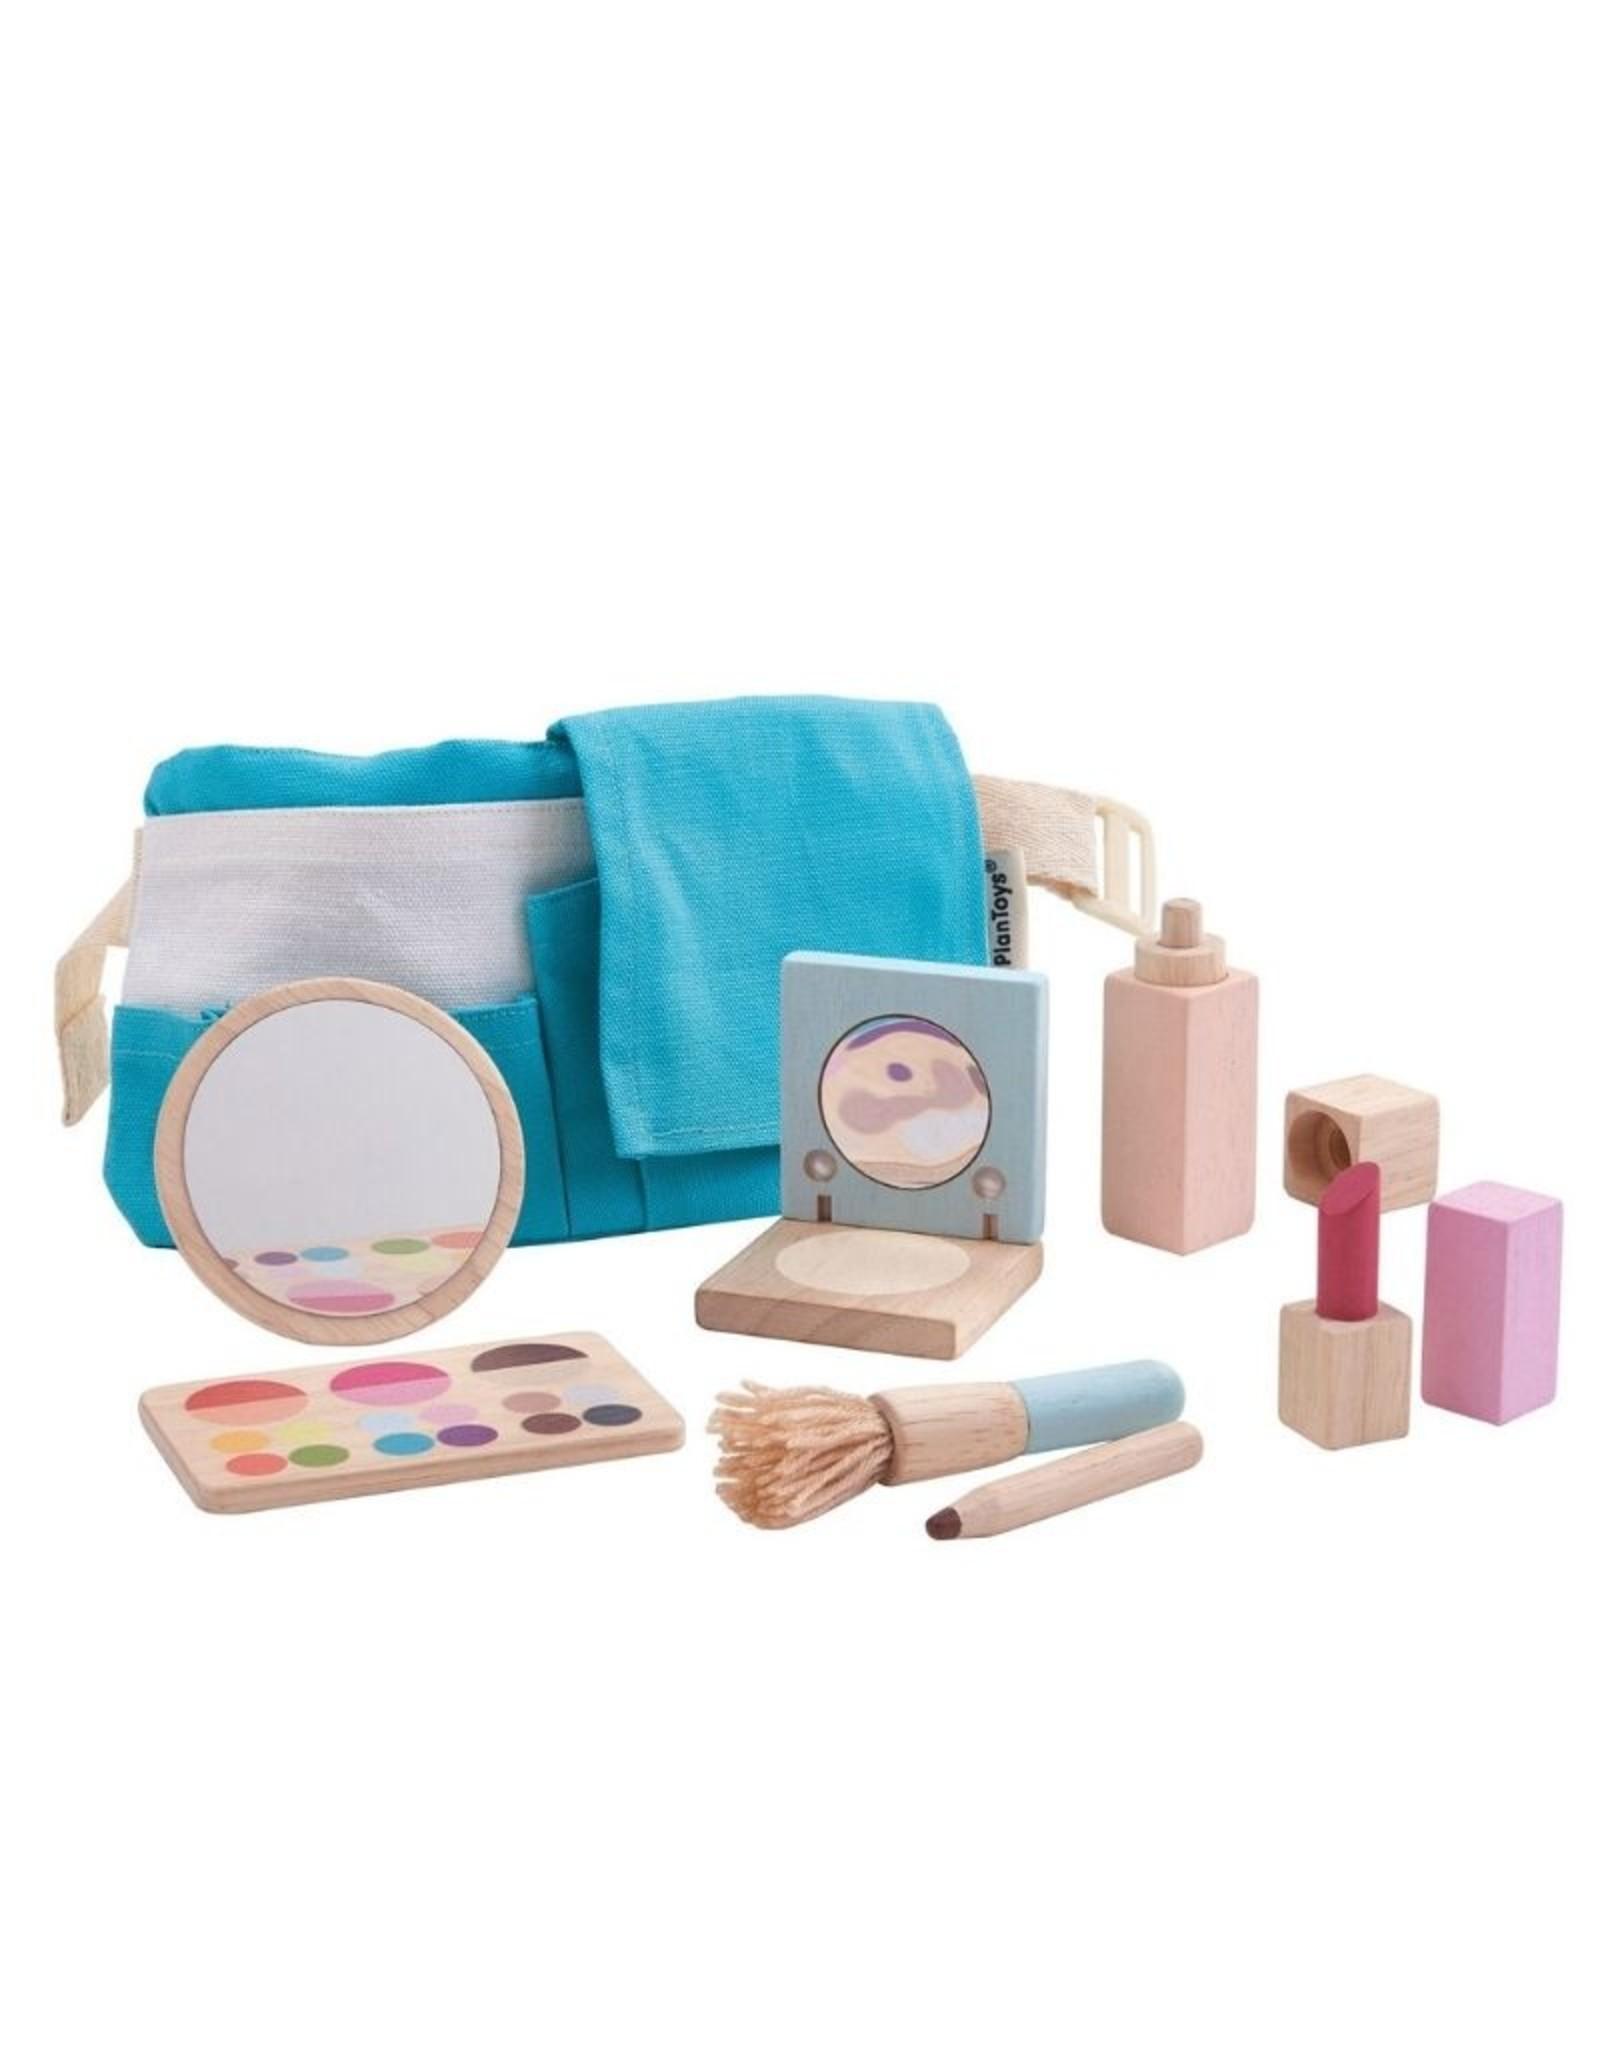 Plan Toys Makeup set